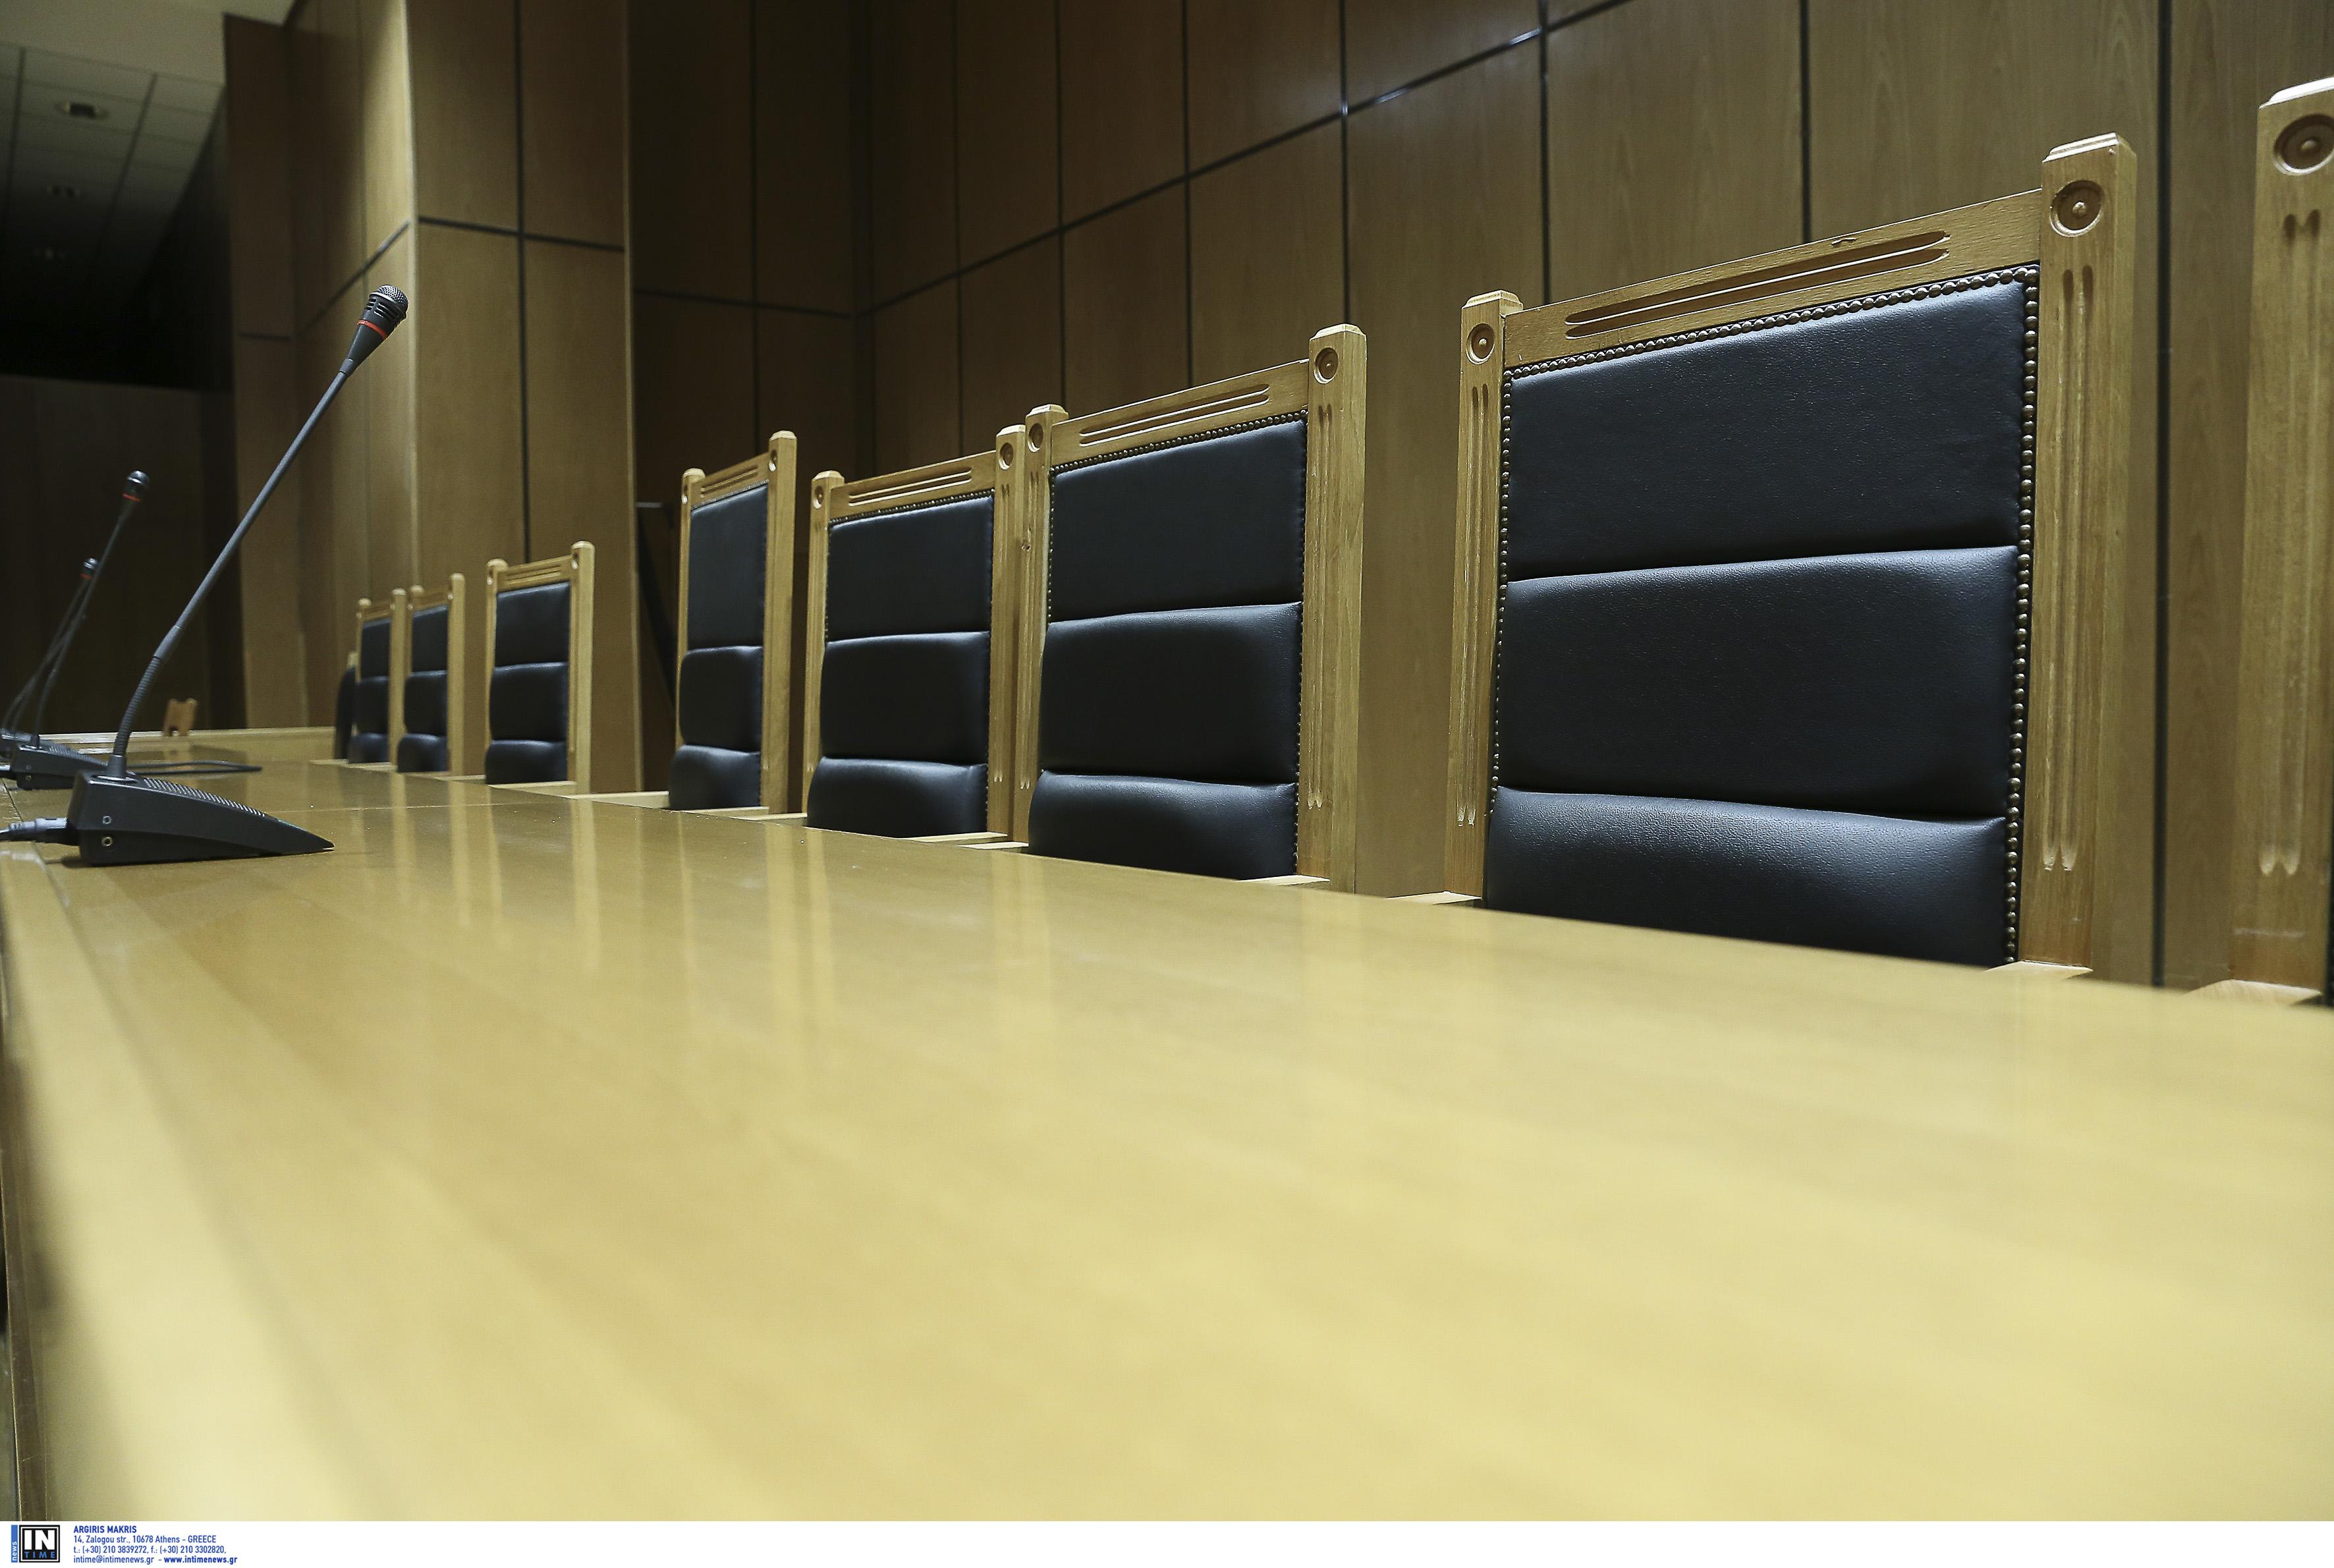 Πάτρα: Καταδικάστηκε σε ισόβια για υπεξαίρεση 43.000.000 ευρώ αλλά πλέον κυκλοφορεί ελεύθερη – Η πρωτοφανής απόφαση!